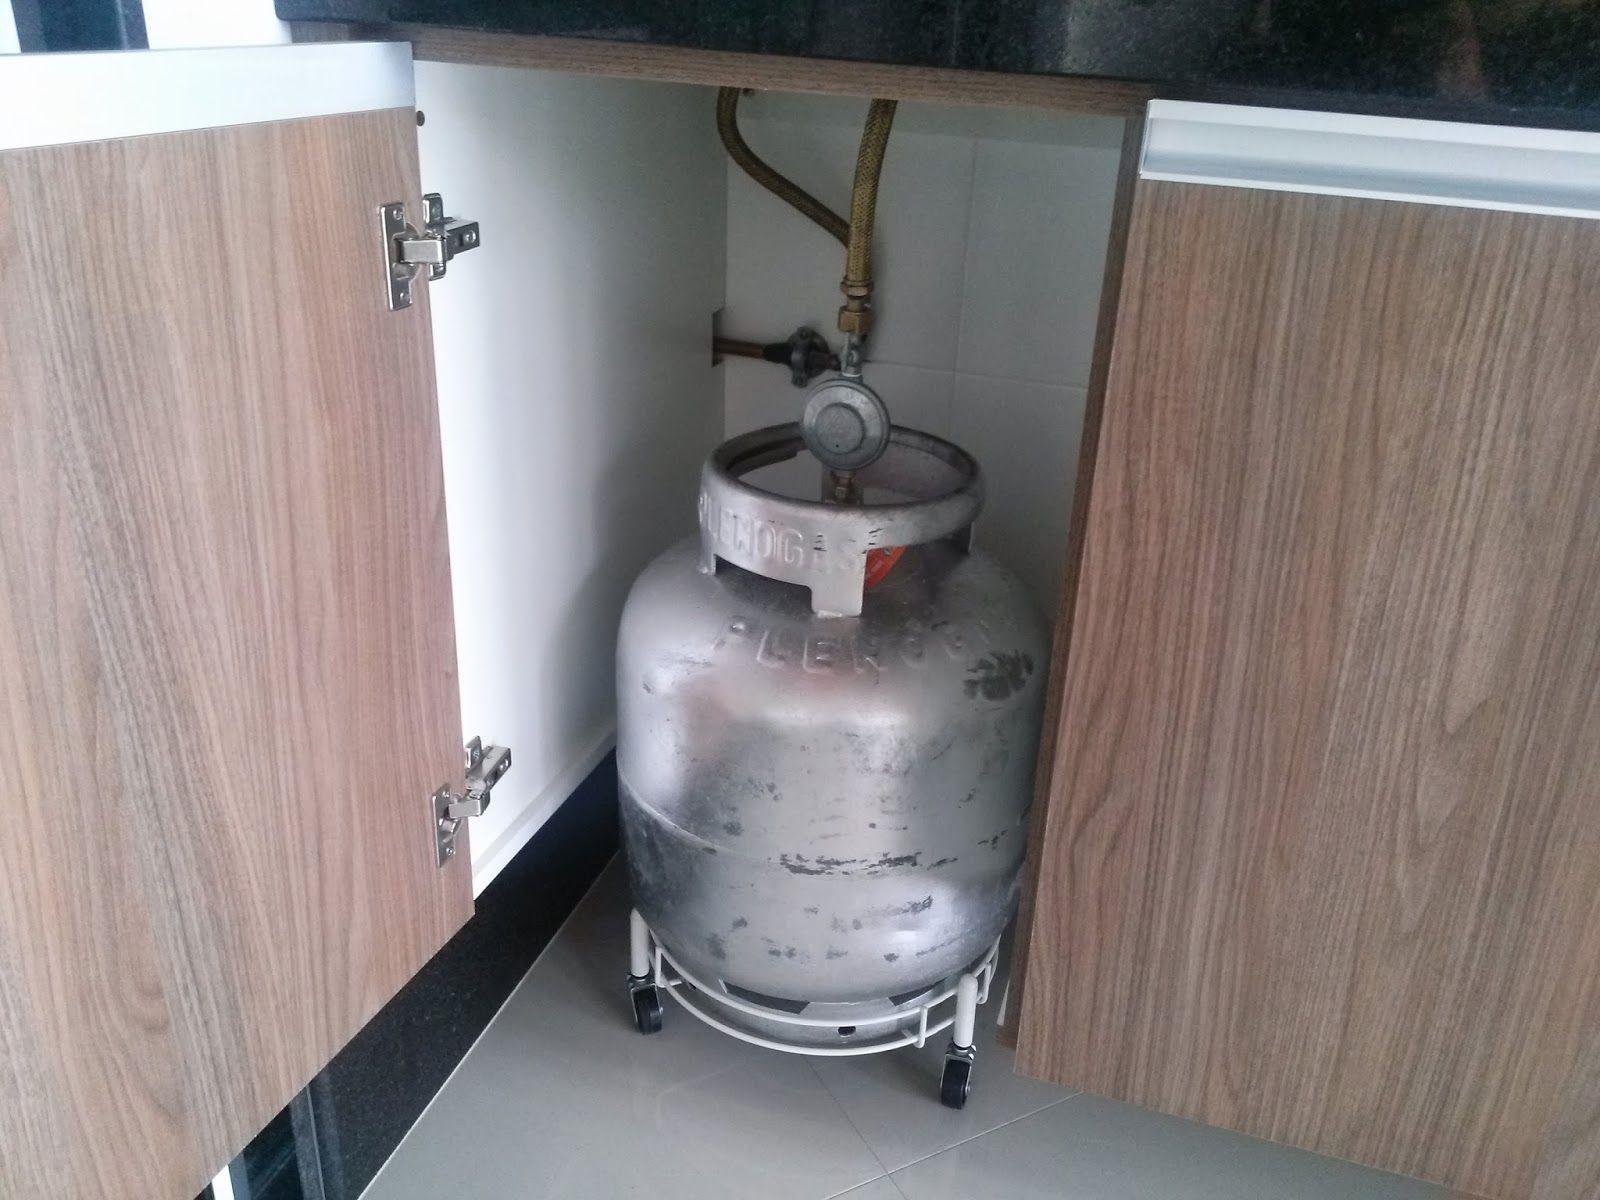 Pin De Genaina Torres Em Cozinha Gas De Cozinha Cozinha